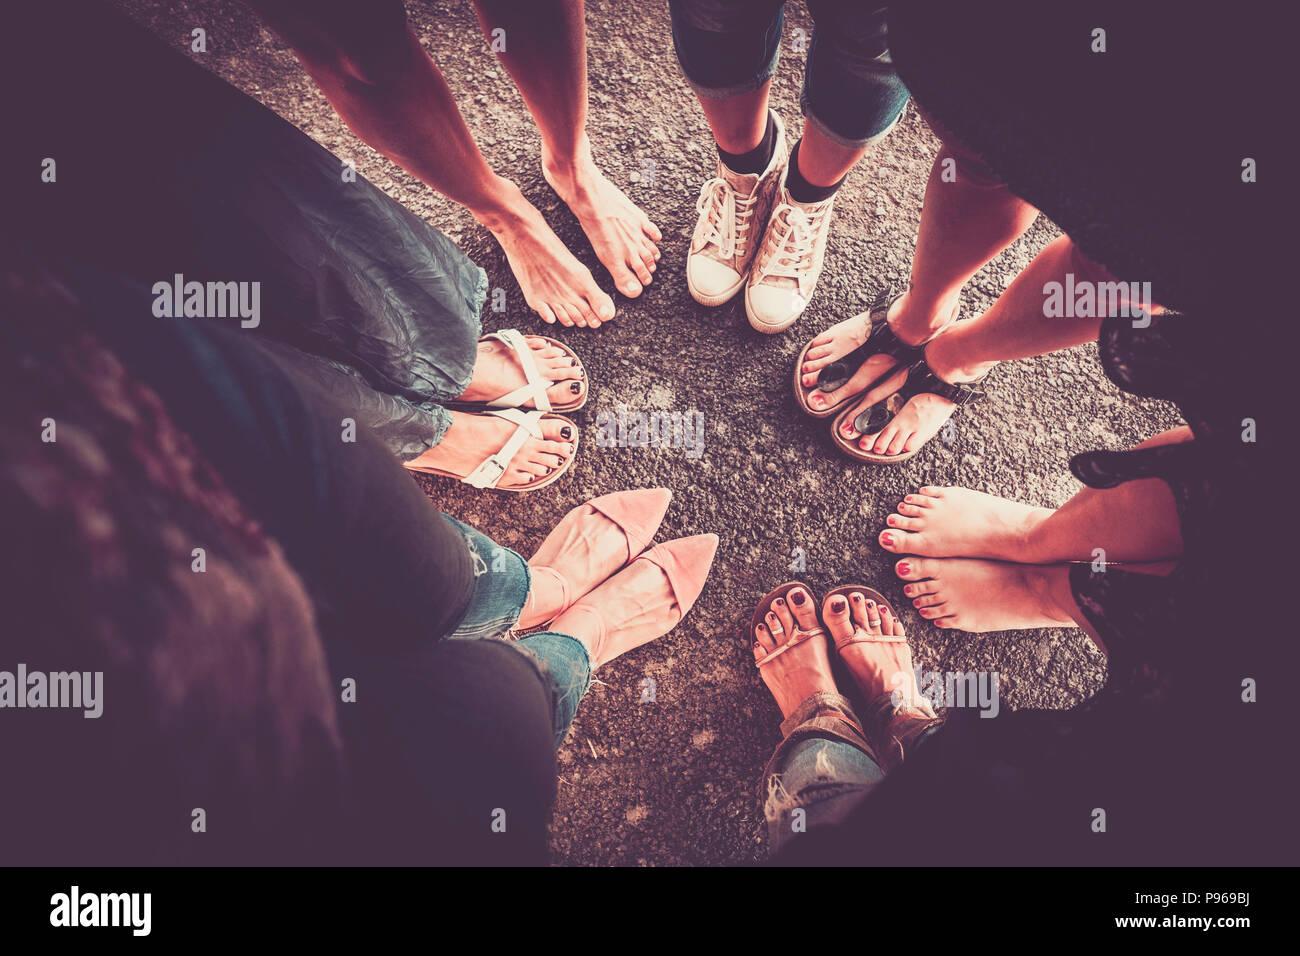 Grupo de mujer desde el punto de vista alto con siete pares de pies con zapatos y descalzo sin. señoras caucásicas en verano. Añada colores y vi Imagen De Stock